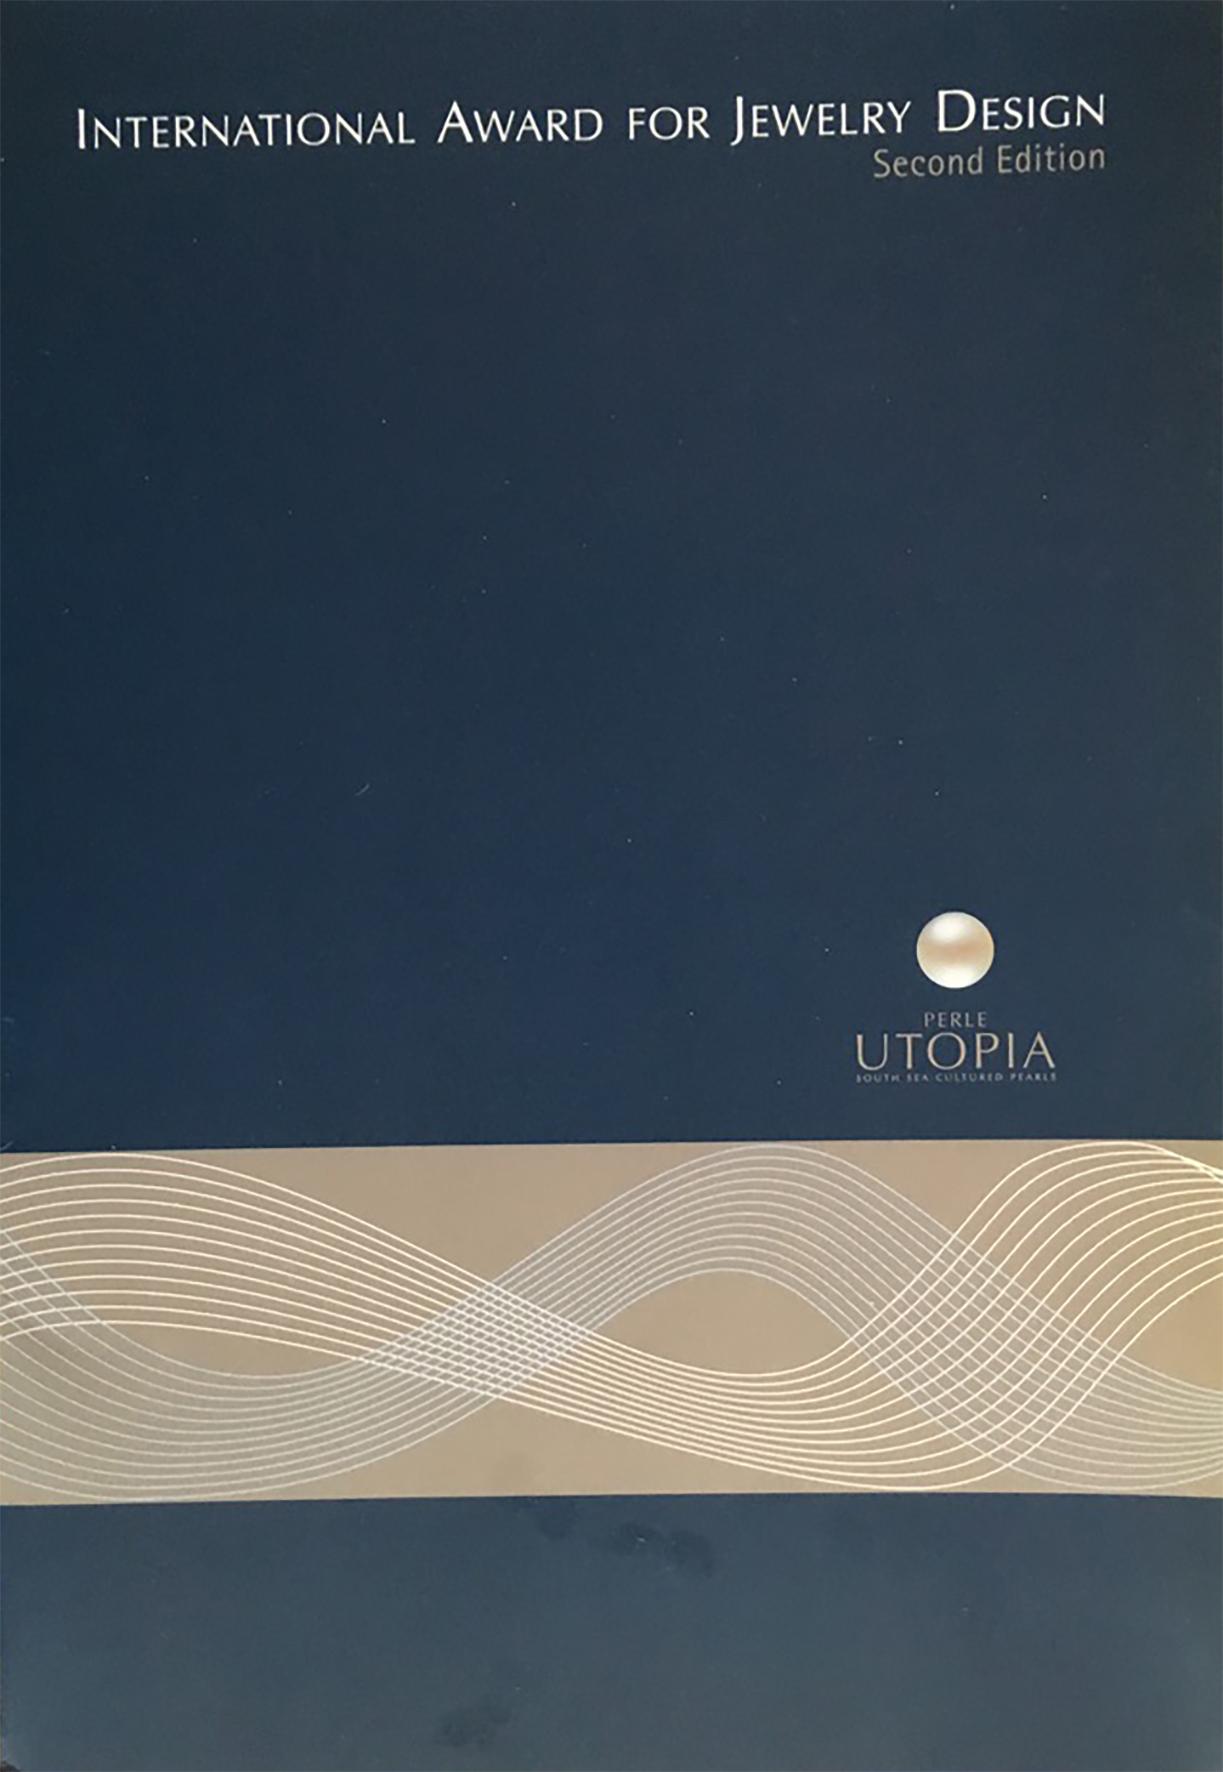 Perle utopia